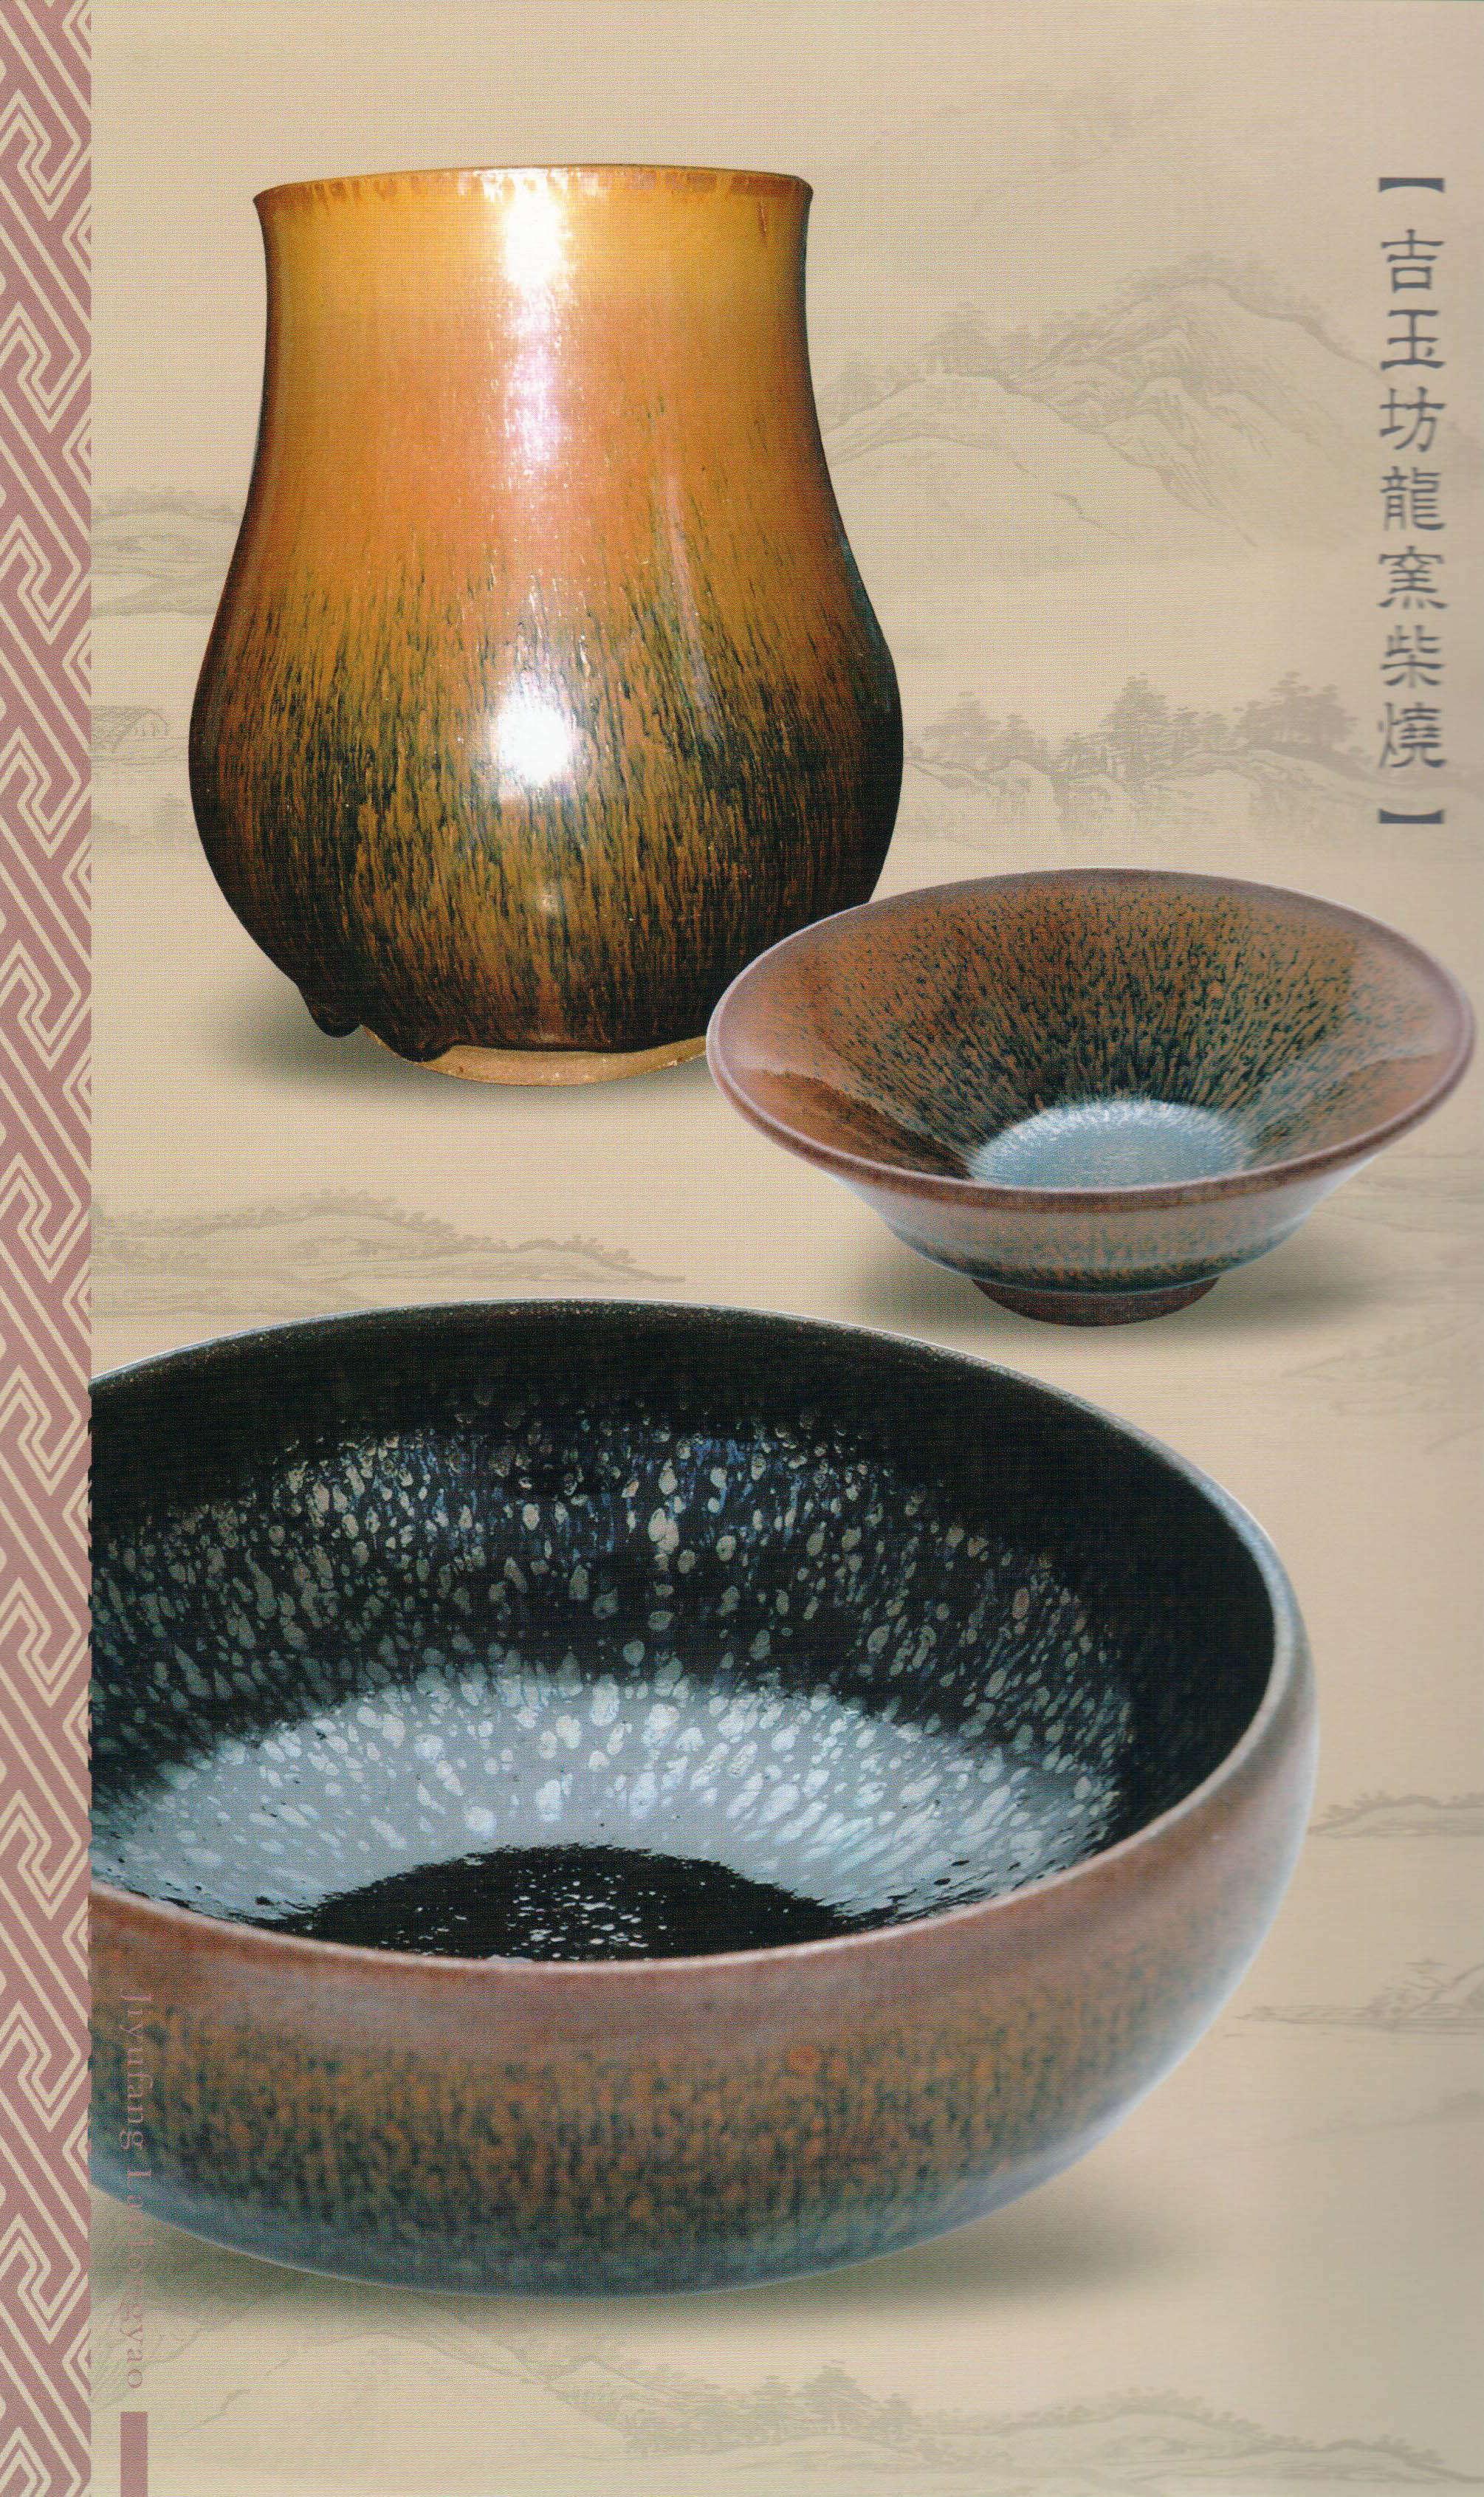 jiyufang_laolongyao-28